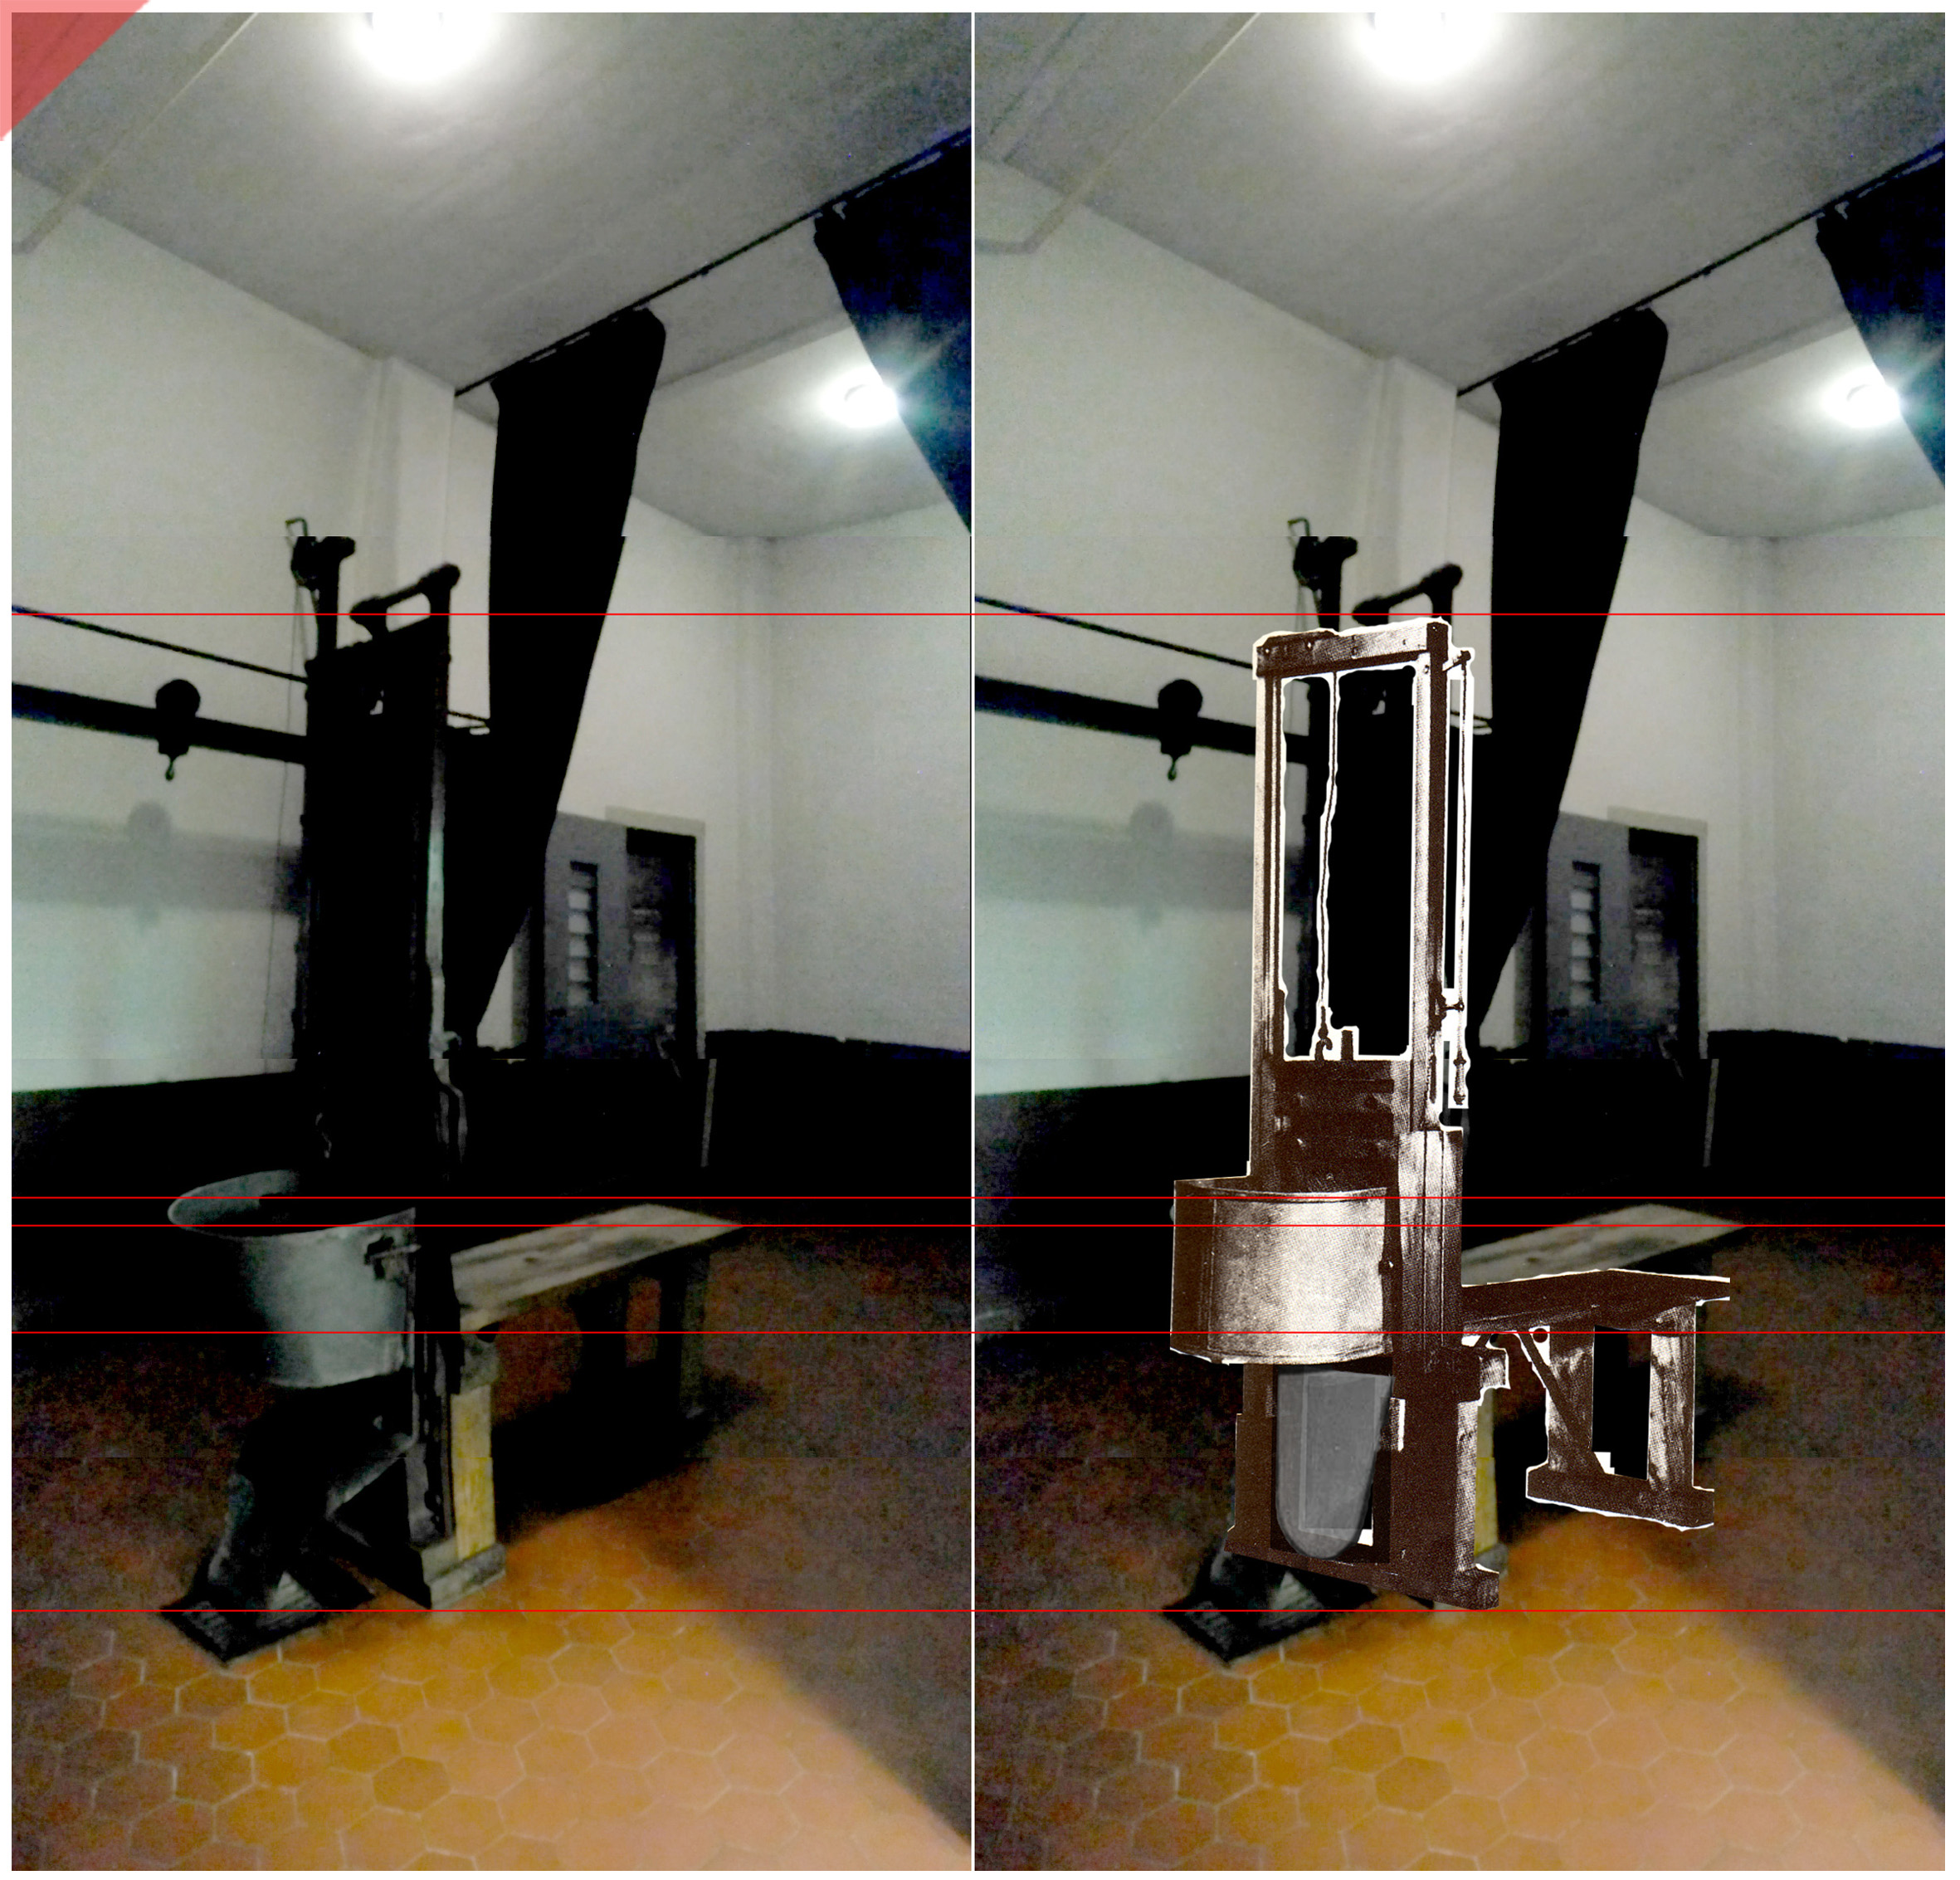 Brandenburg-Görden-Gorden-Fallbeil-in-color-1-T-Mannhardt-Guillotine-Wilhelm-Roettger-Garage